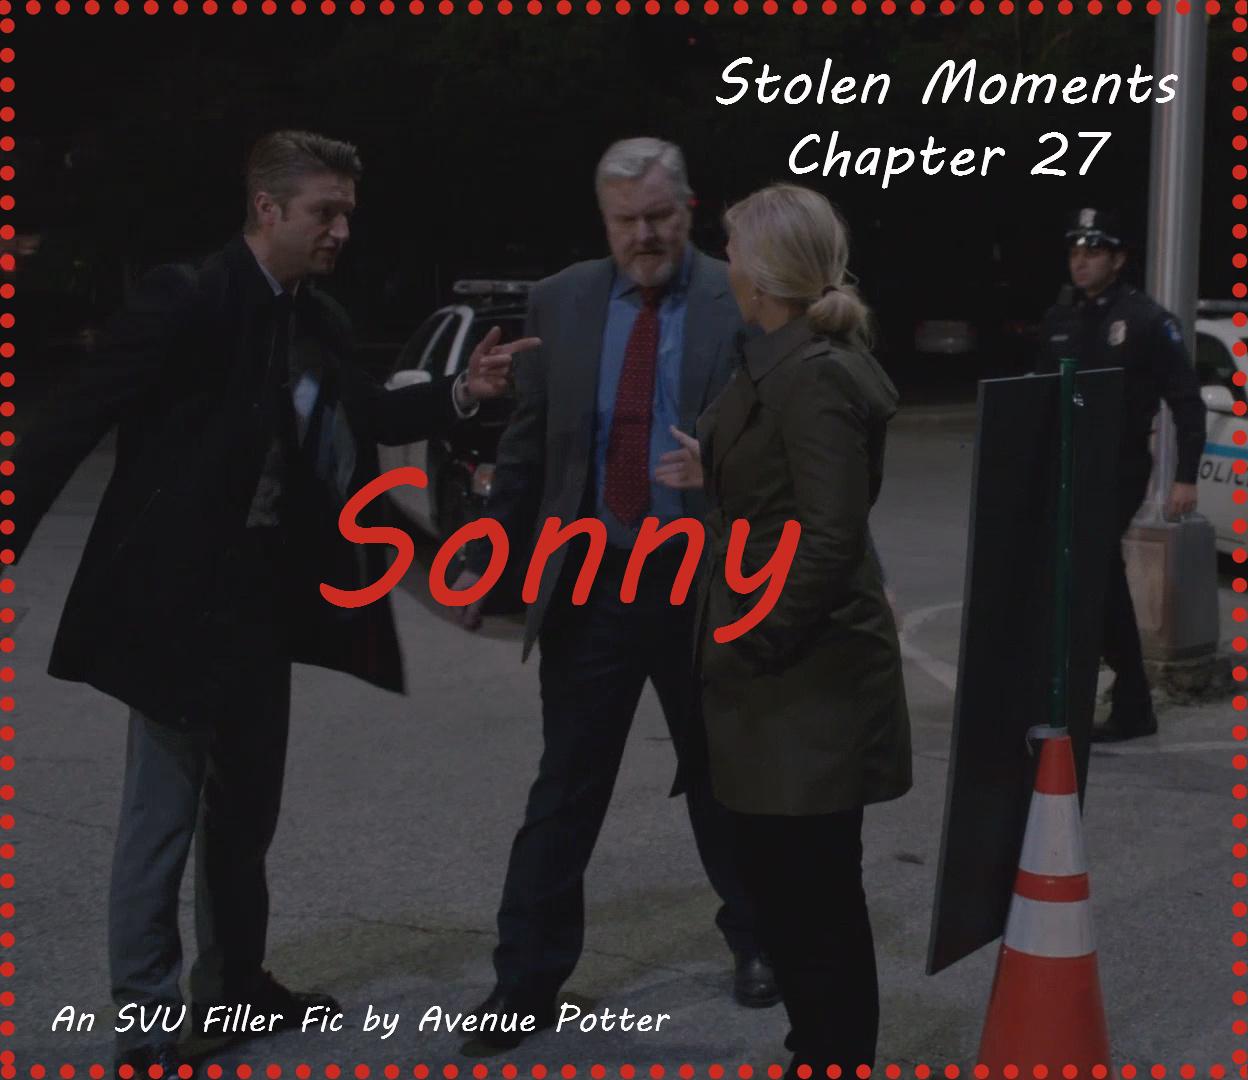 Stolen Moments 27 Title Pix